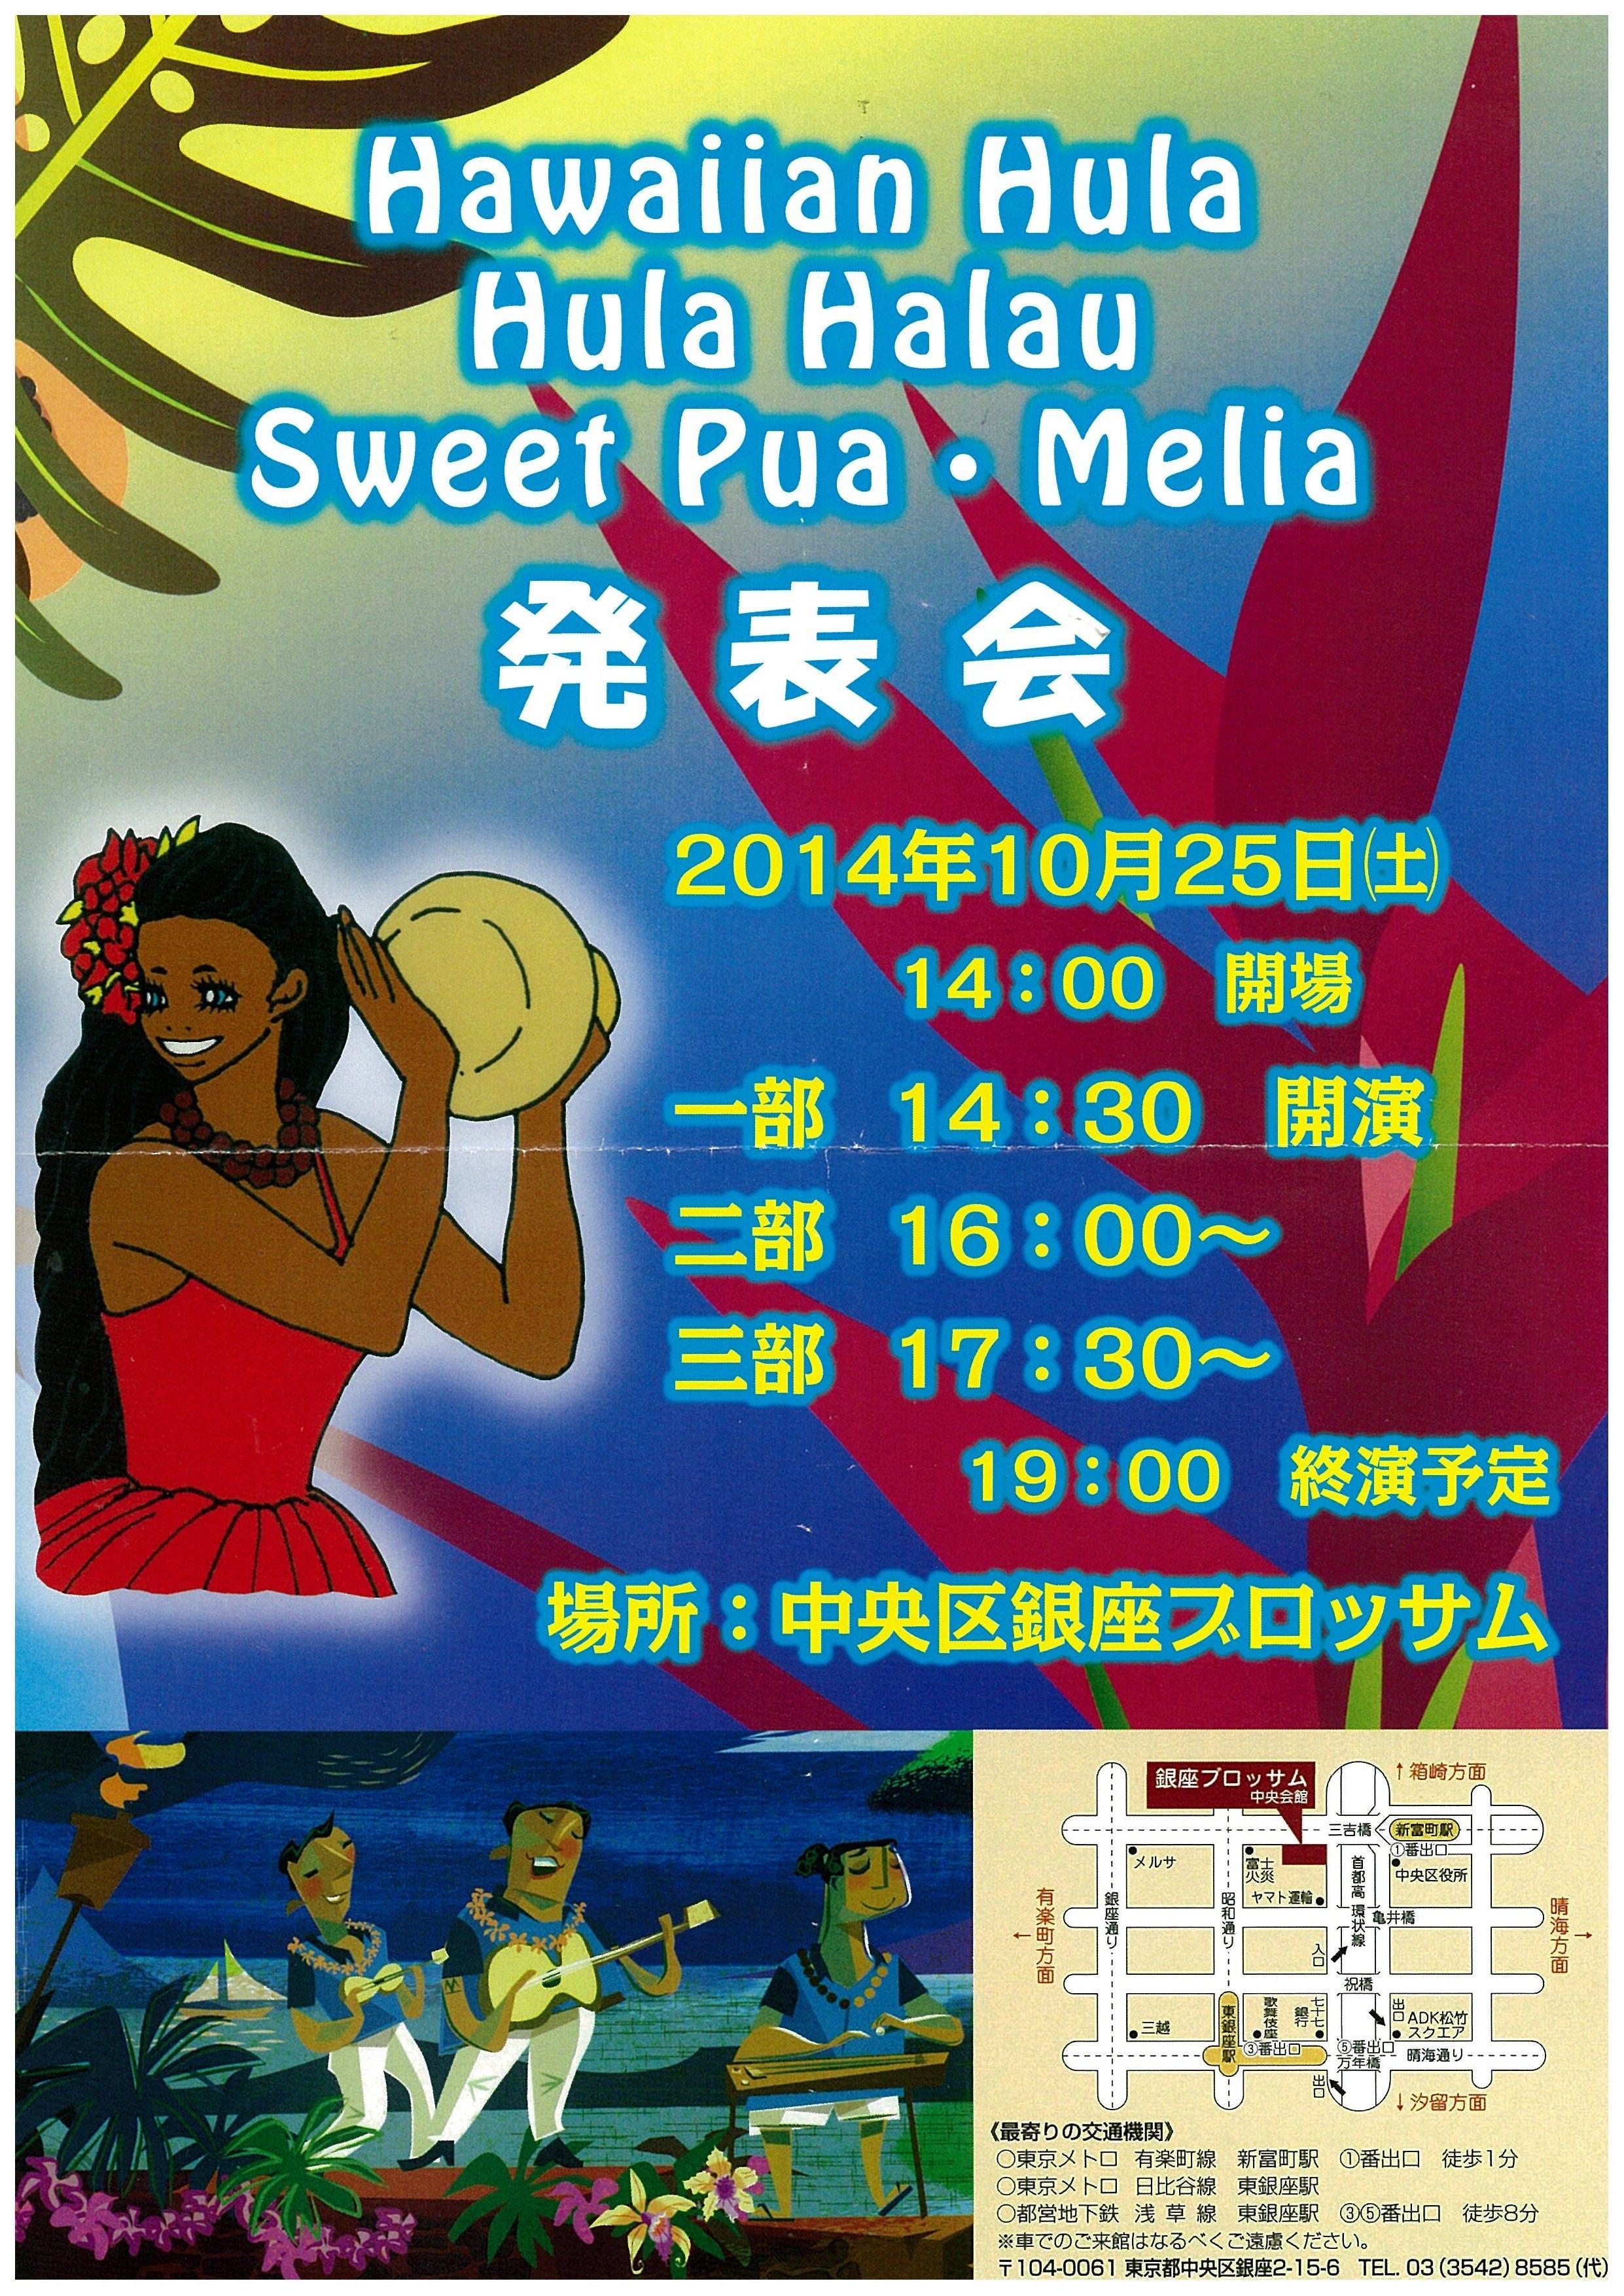 Sweet Pua・Melia